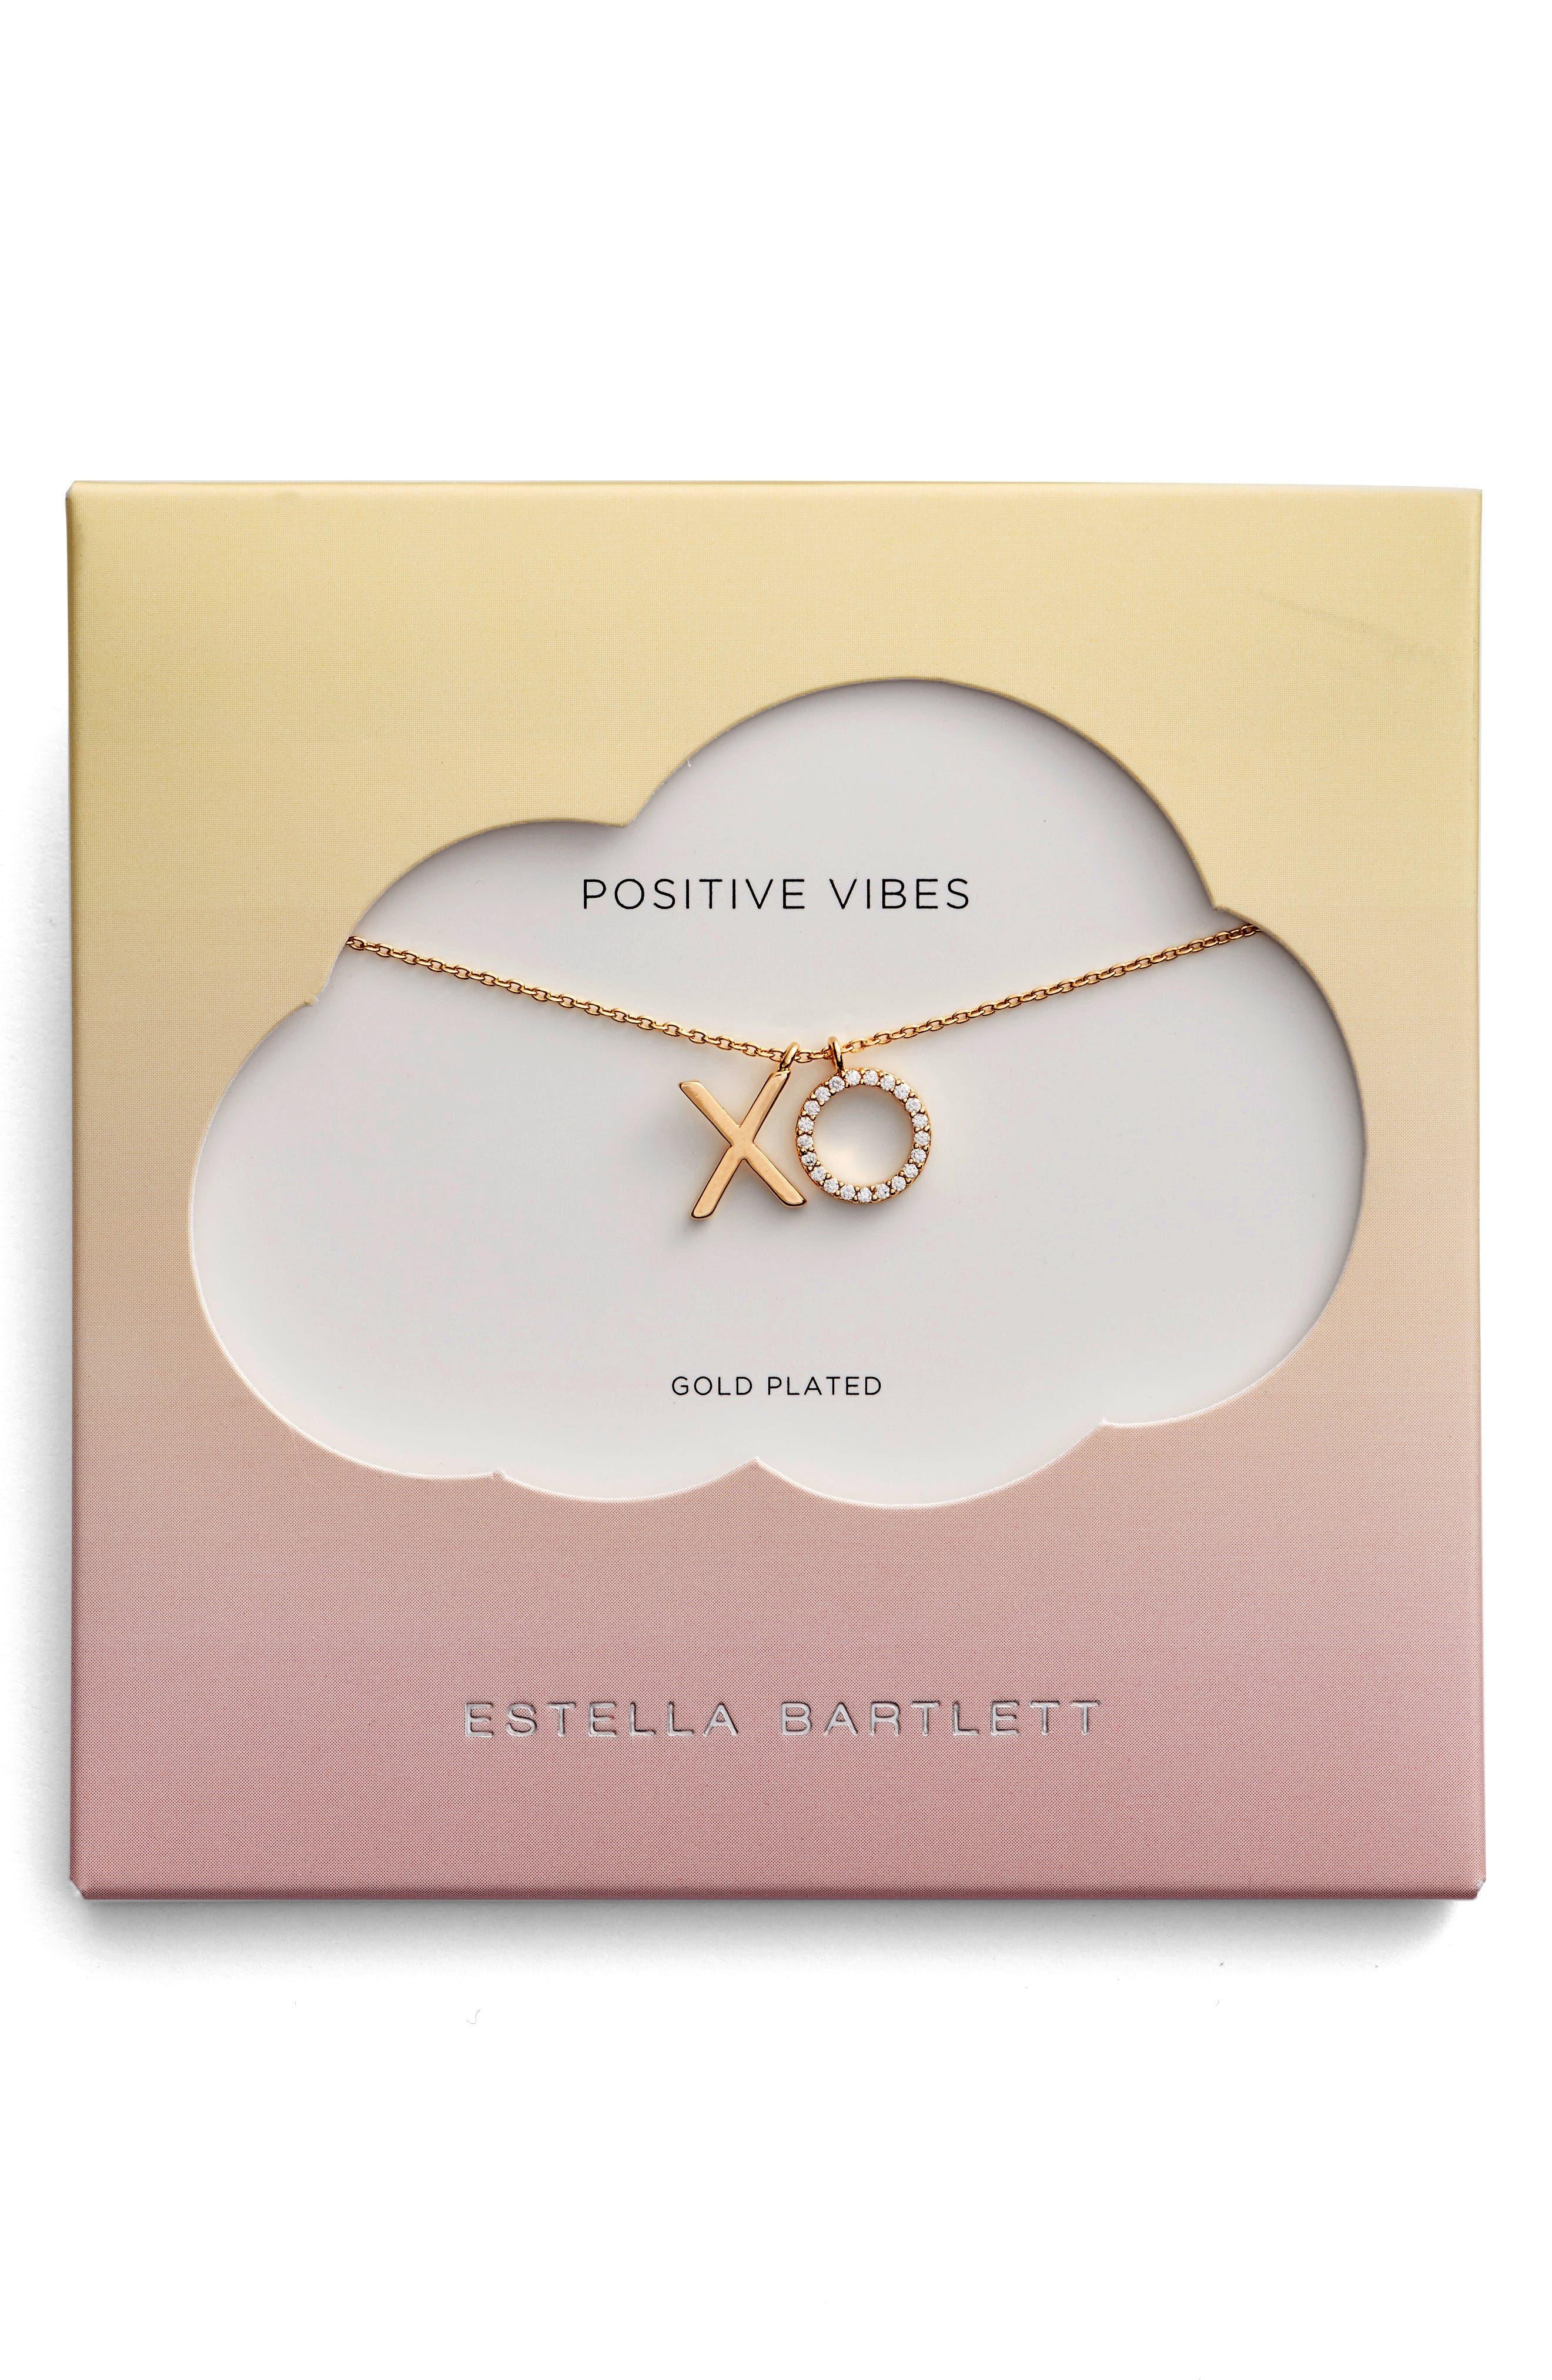 Positive Vibes Pendant Necklace,                             Main thumbnail 1, color,                             710